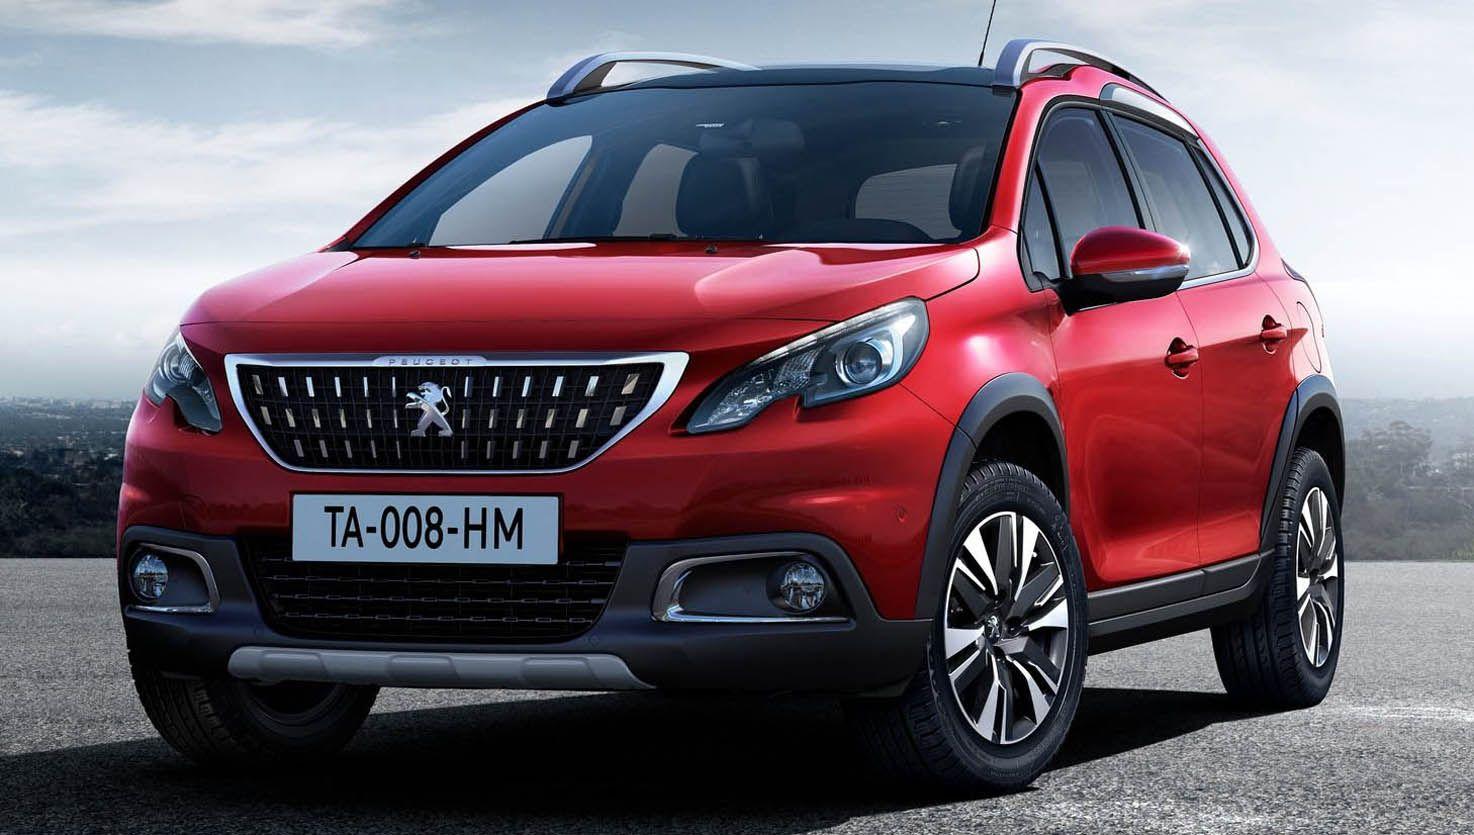 بيجو 2008 الجديدة كروس أوفر المدينة العصرية موقع ويلز Peugeot 2008 Peugeot Best Small Suv